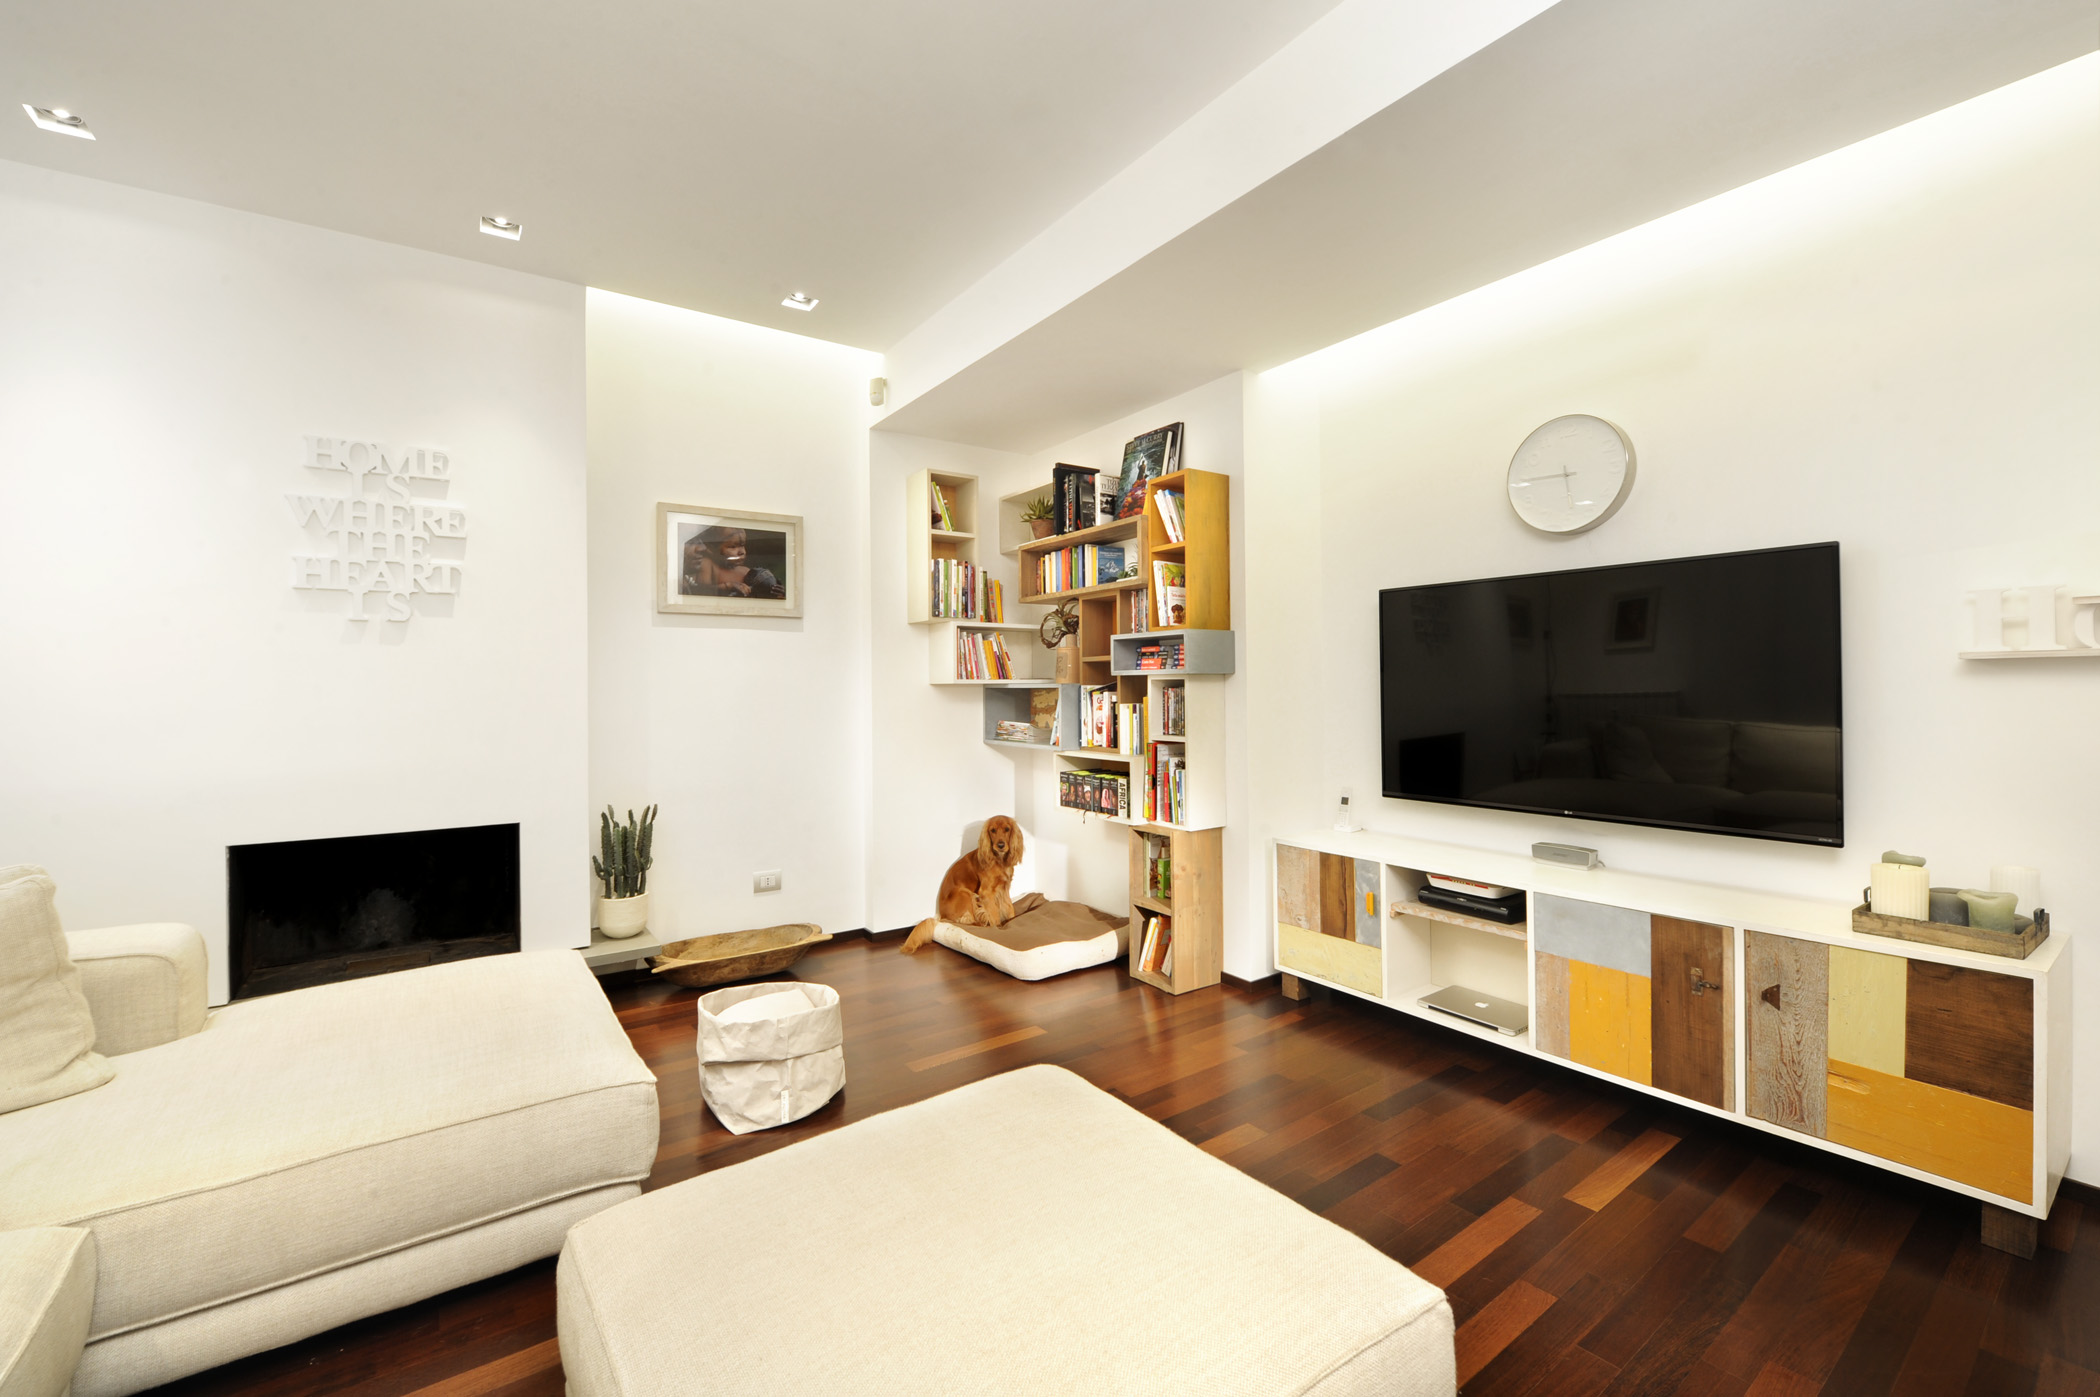 Soggiorno con credenza su misura e parete attrezzata con pensili e moduli in legno colorato